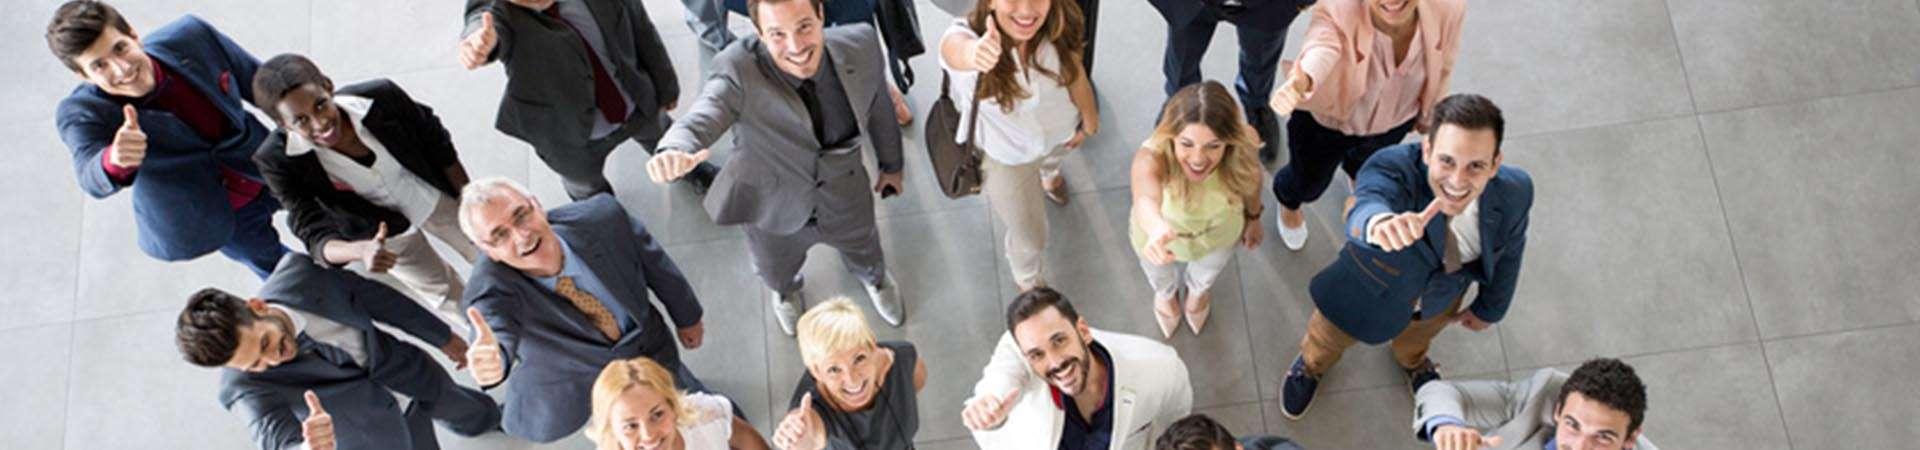 Header Sereniteo investissement groupe